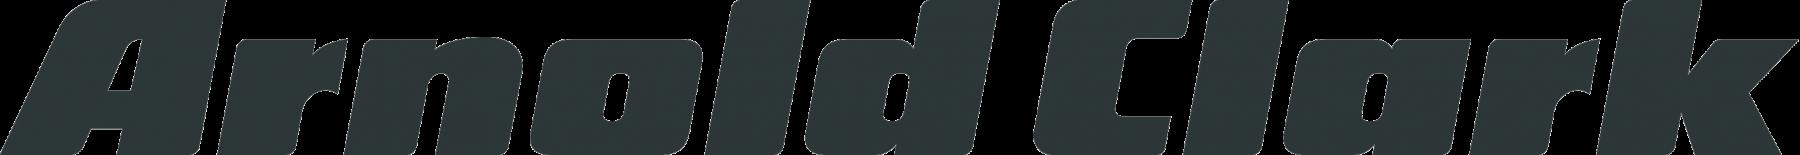 ac-logo-dark-1